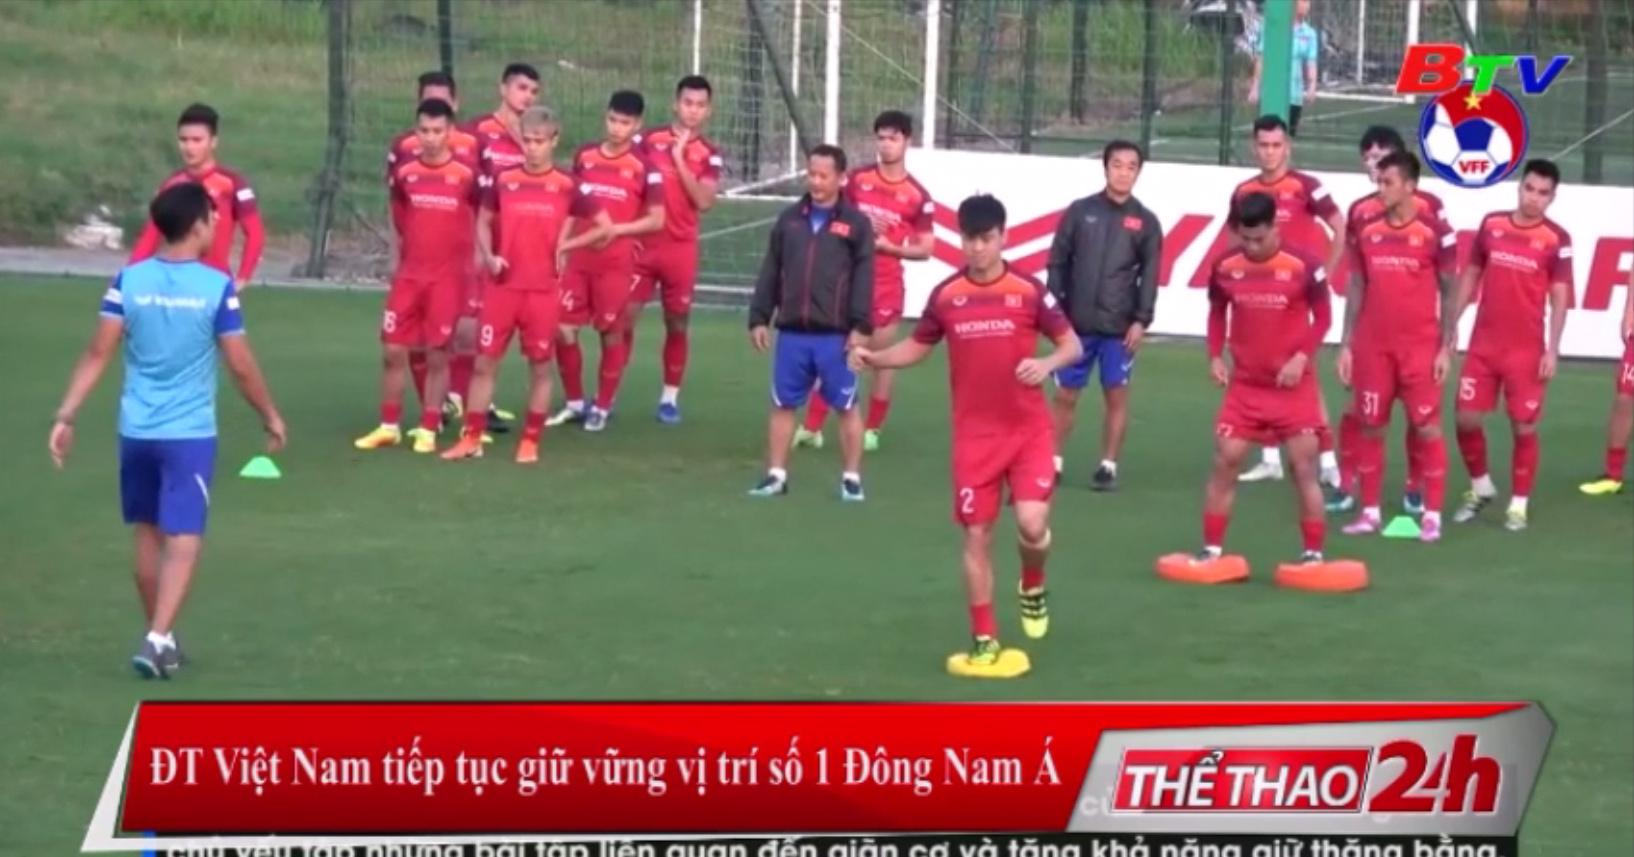 ĐT Việt Nam tiếp tục giữ vững vị trí số 1 Đông Nam Á